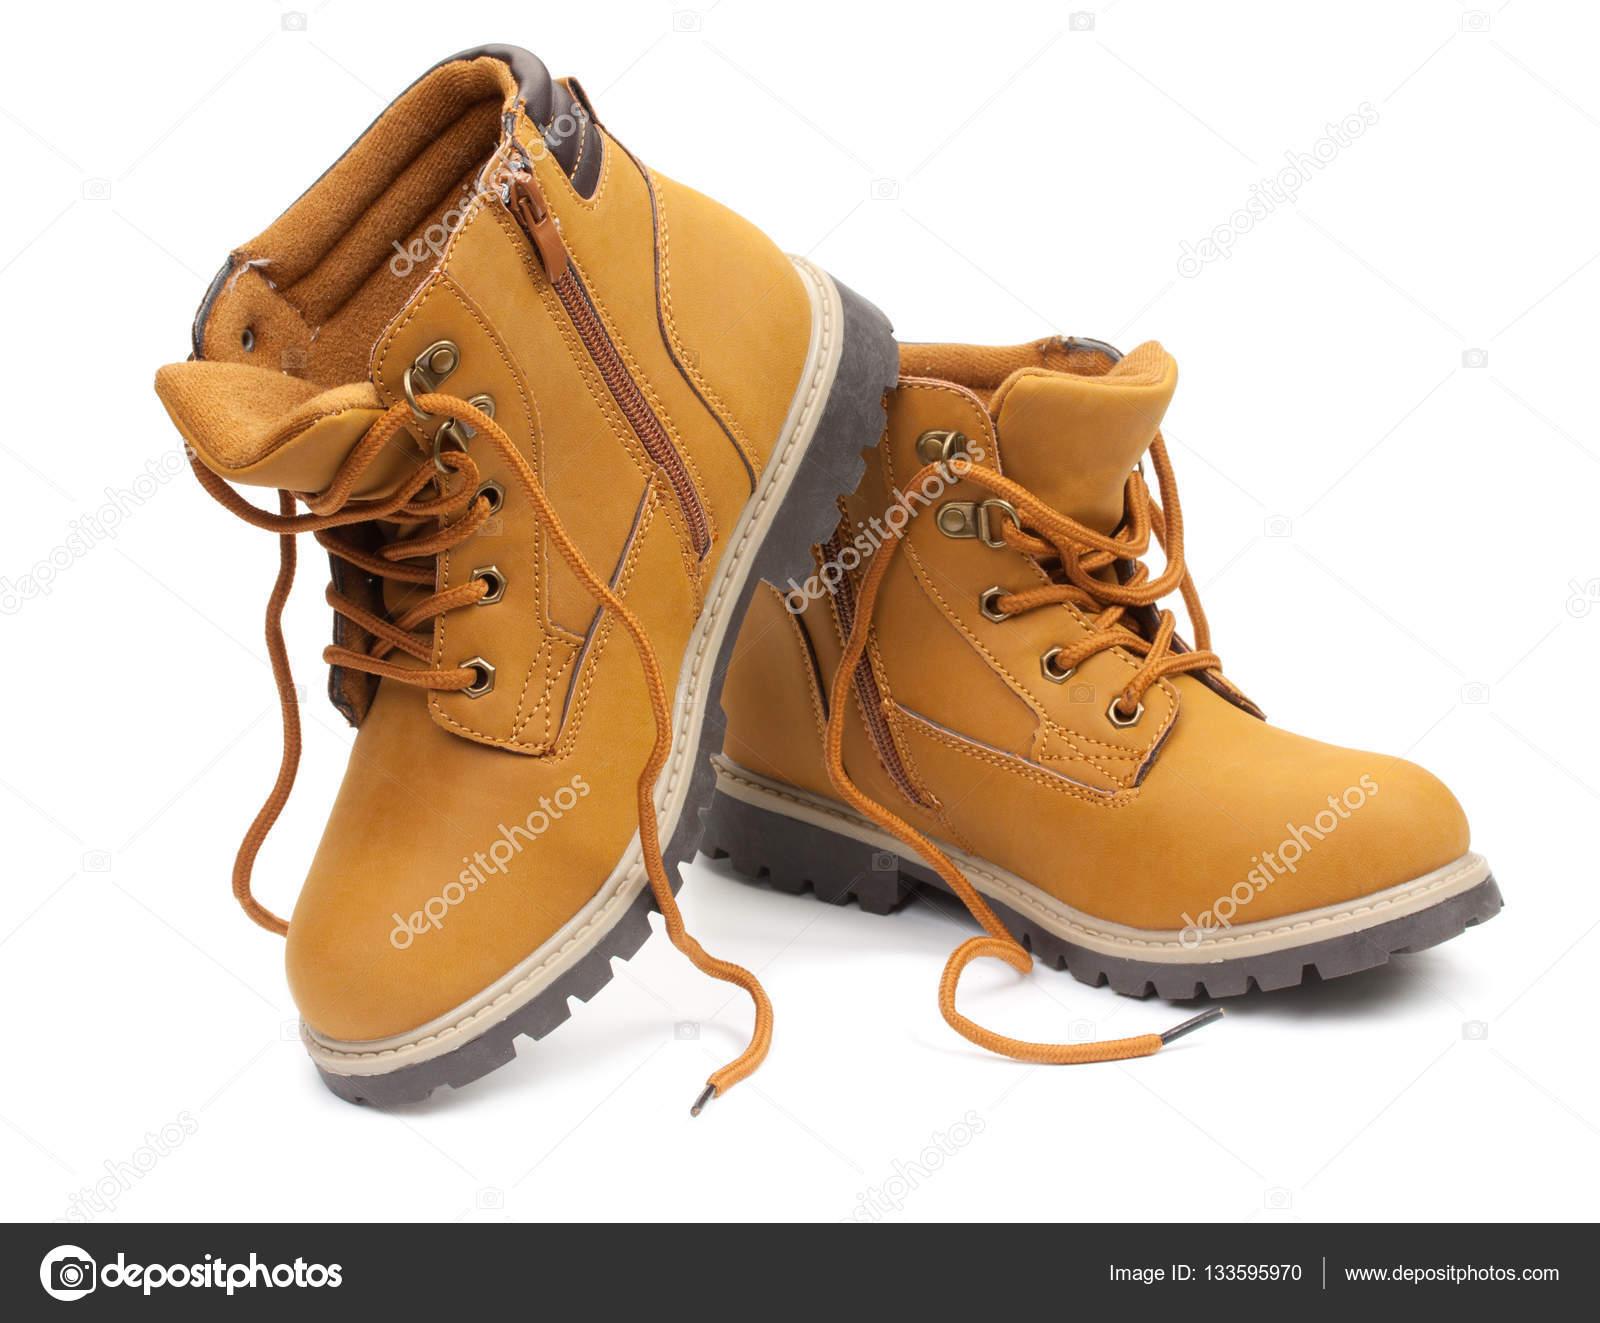 e0a05f6a18095b Жовта шкіра стильна Взуття підліткове, unlaced чоботи, ізольовані на білому  тлі — Фото від 3249855.gmail.com